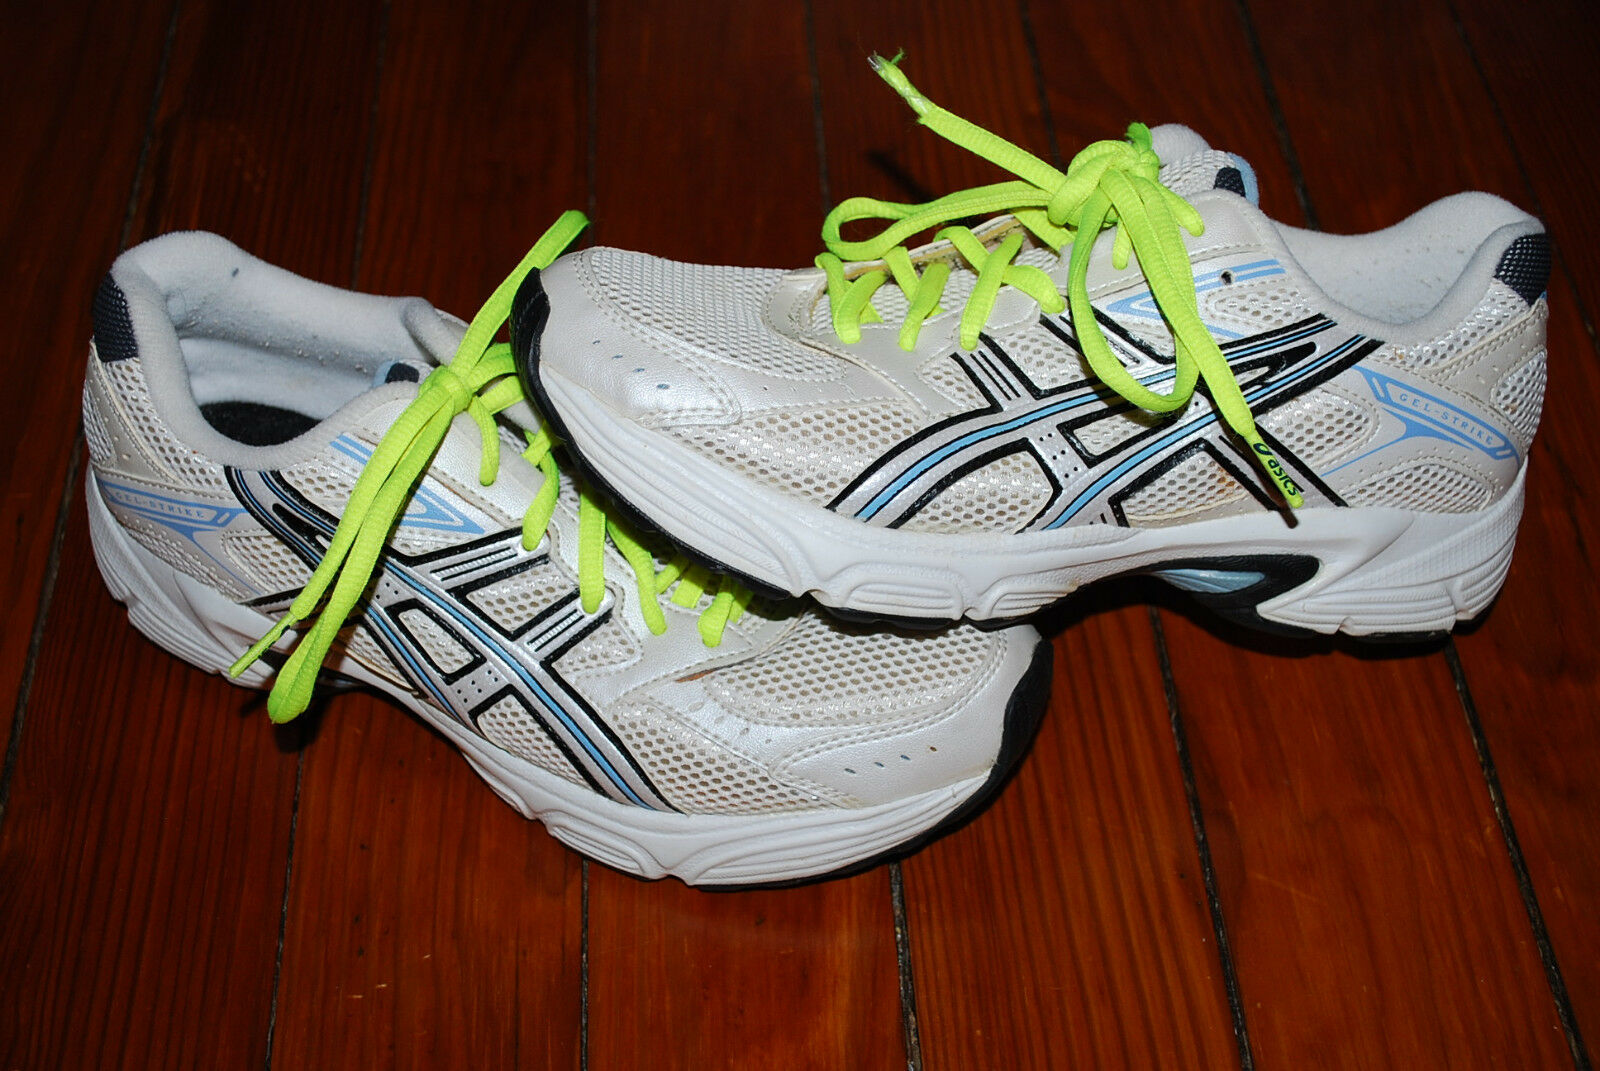 La Mujer ASICS GEL Strike Light Azul precios Running Sneakers reducción de precios Azul t9d9n estacional de recortes de precios, beneficios de descuentos bc7247